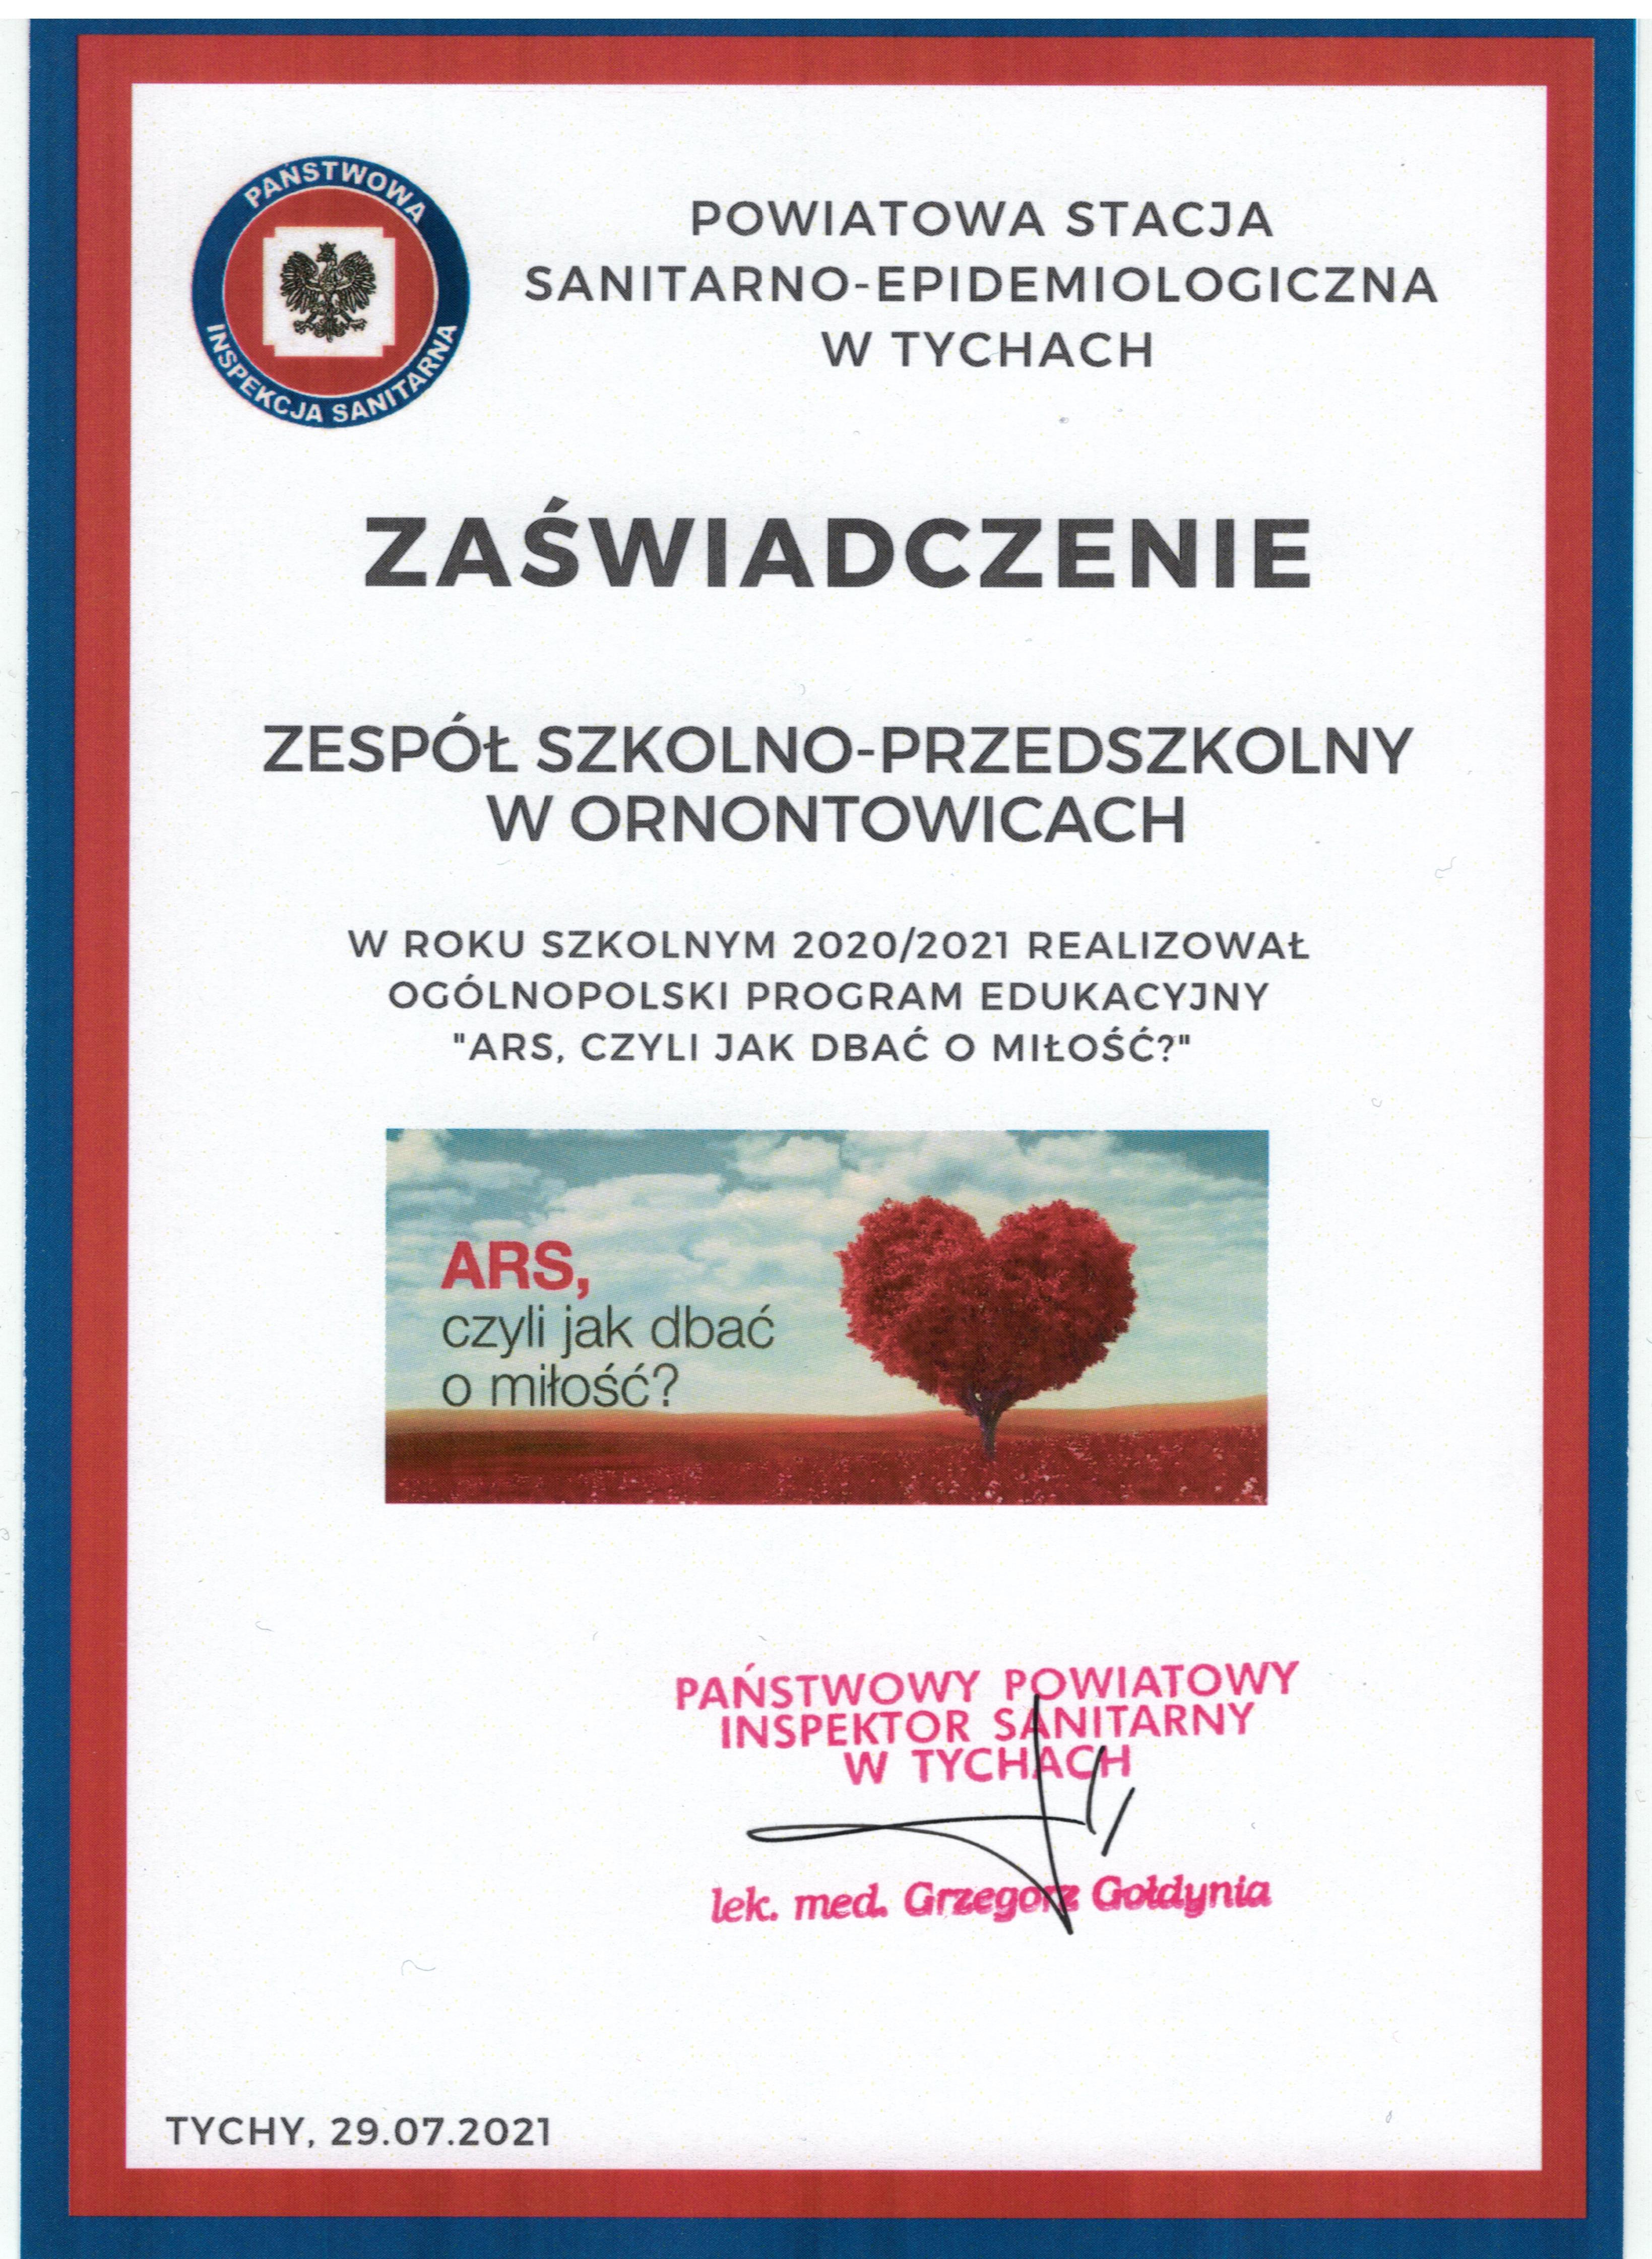 Zaświadczenie dla zespołu za realizację ogólnopolskiego programu edukacyjnego ARS czyli jak dbać o miłość, w roku szkolnym 2020/2021, wystawionym przez Powiatową Stację Sanitarno - Epidemiologiczną w Tychach